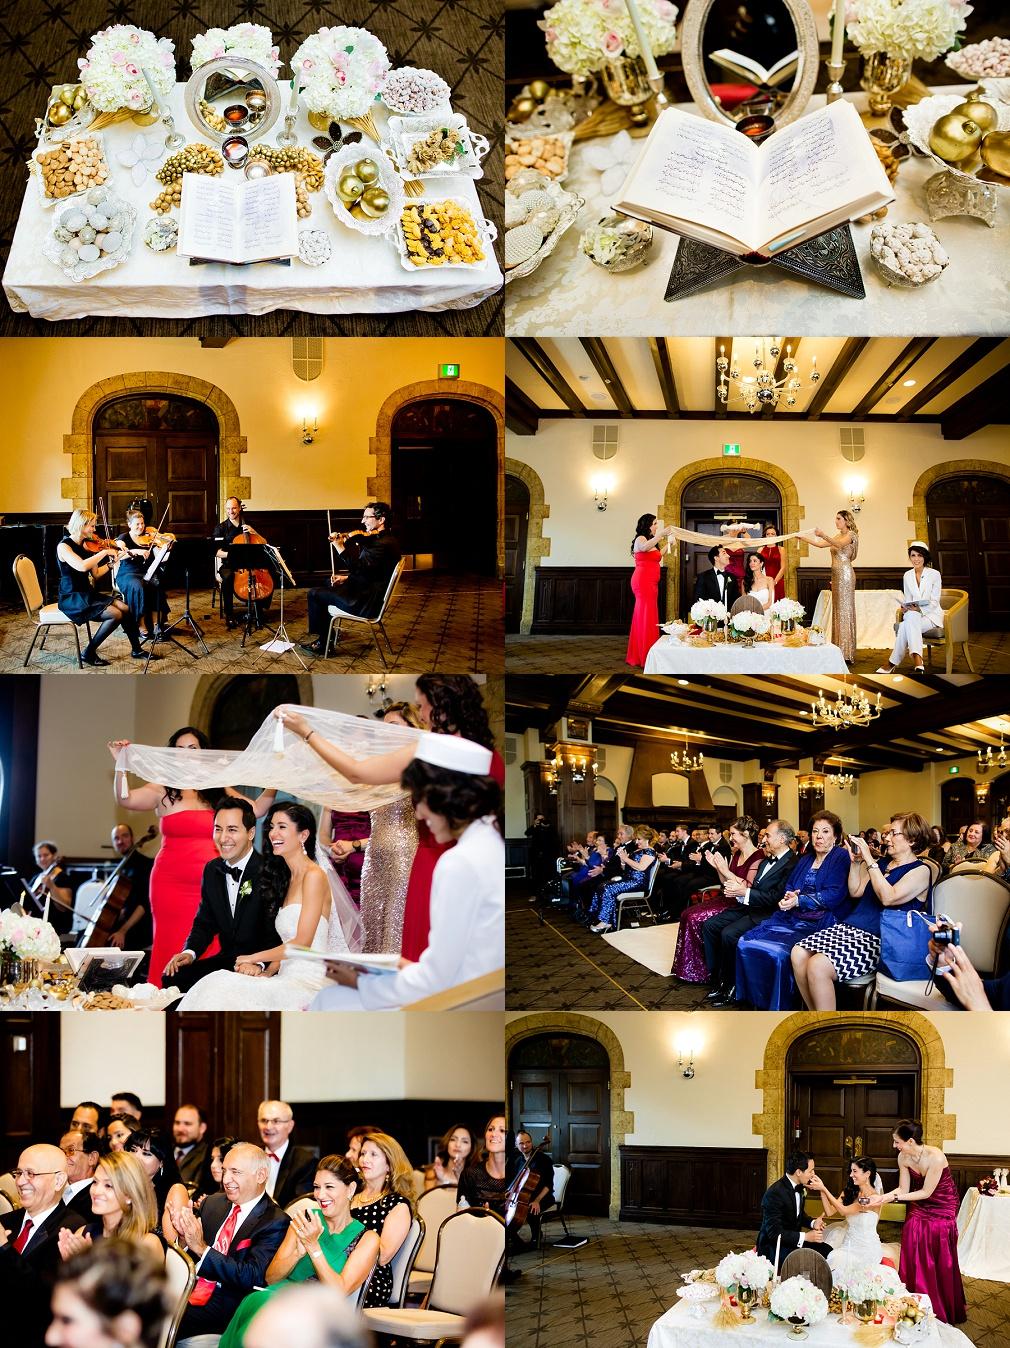 Le Chateau Frontenac weddings